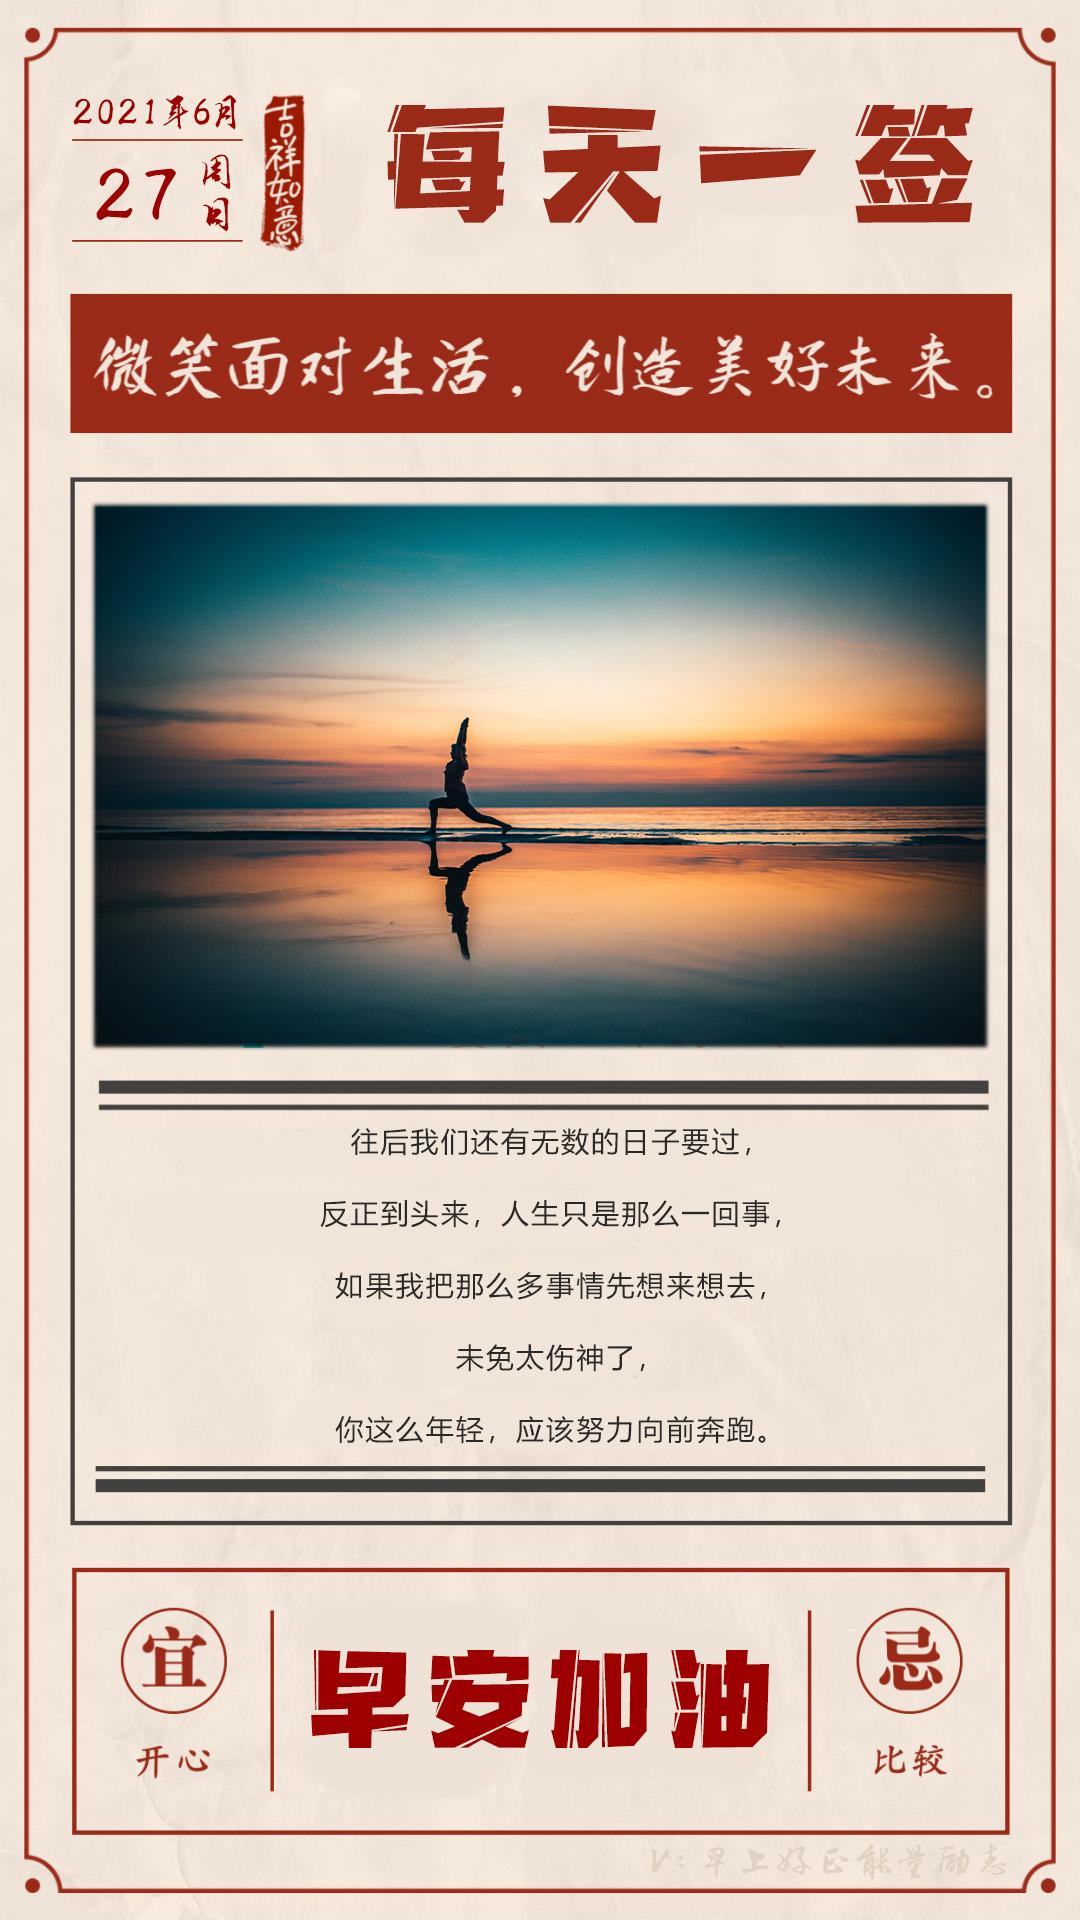 早上好正能量图片文字,激励人心的句子,向前奔跑